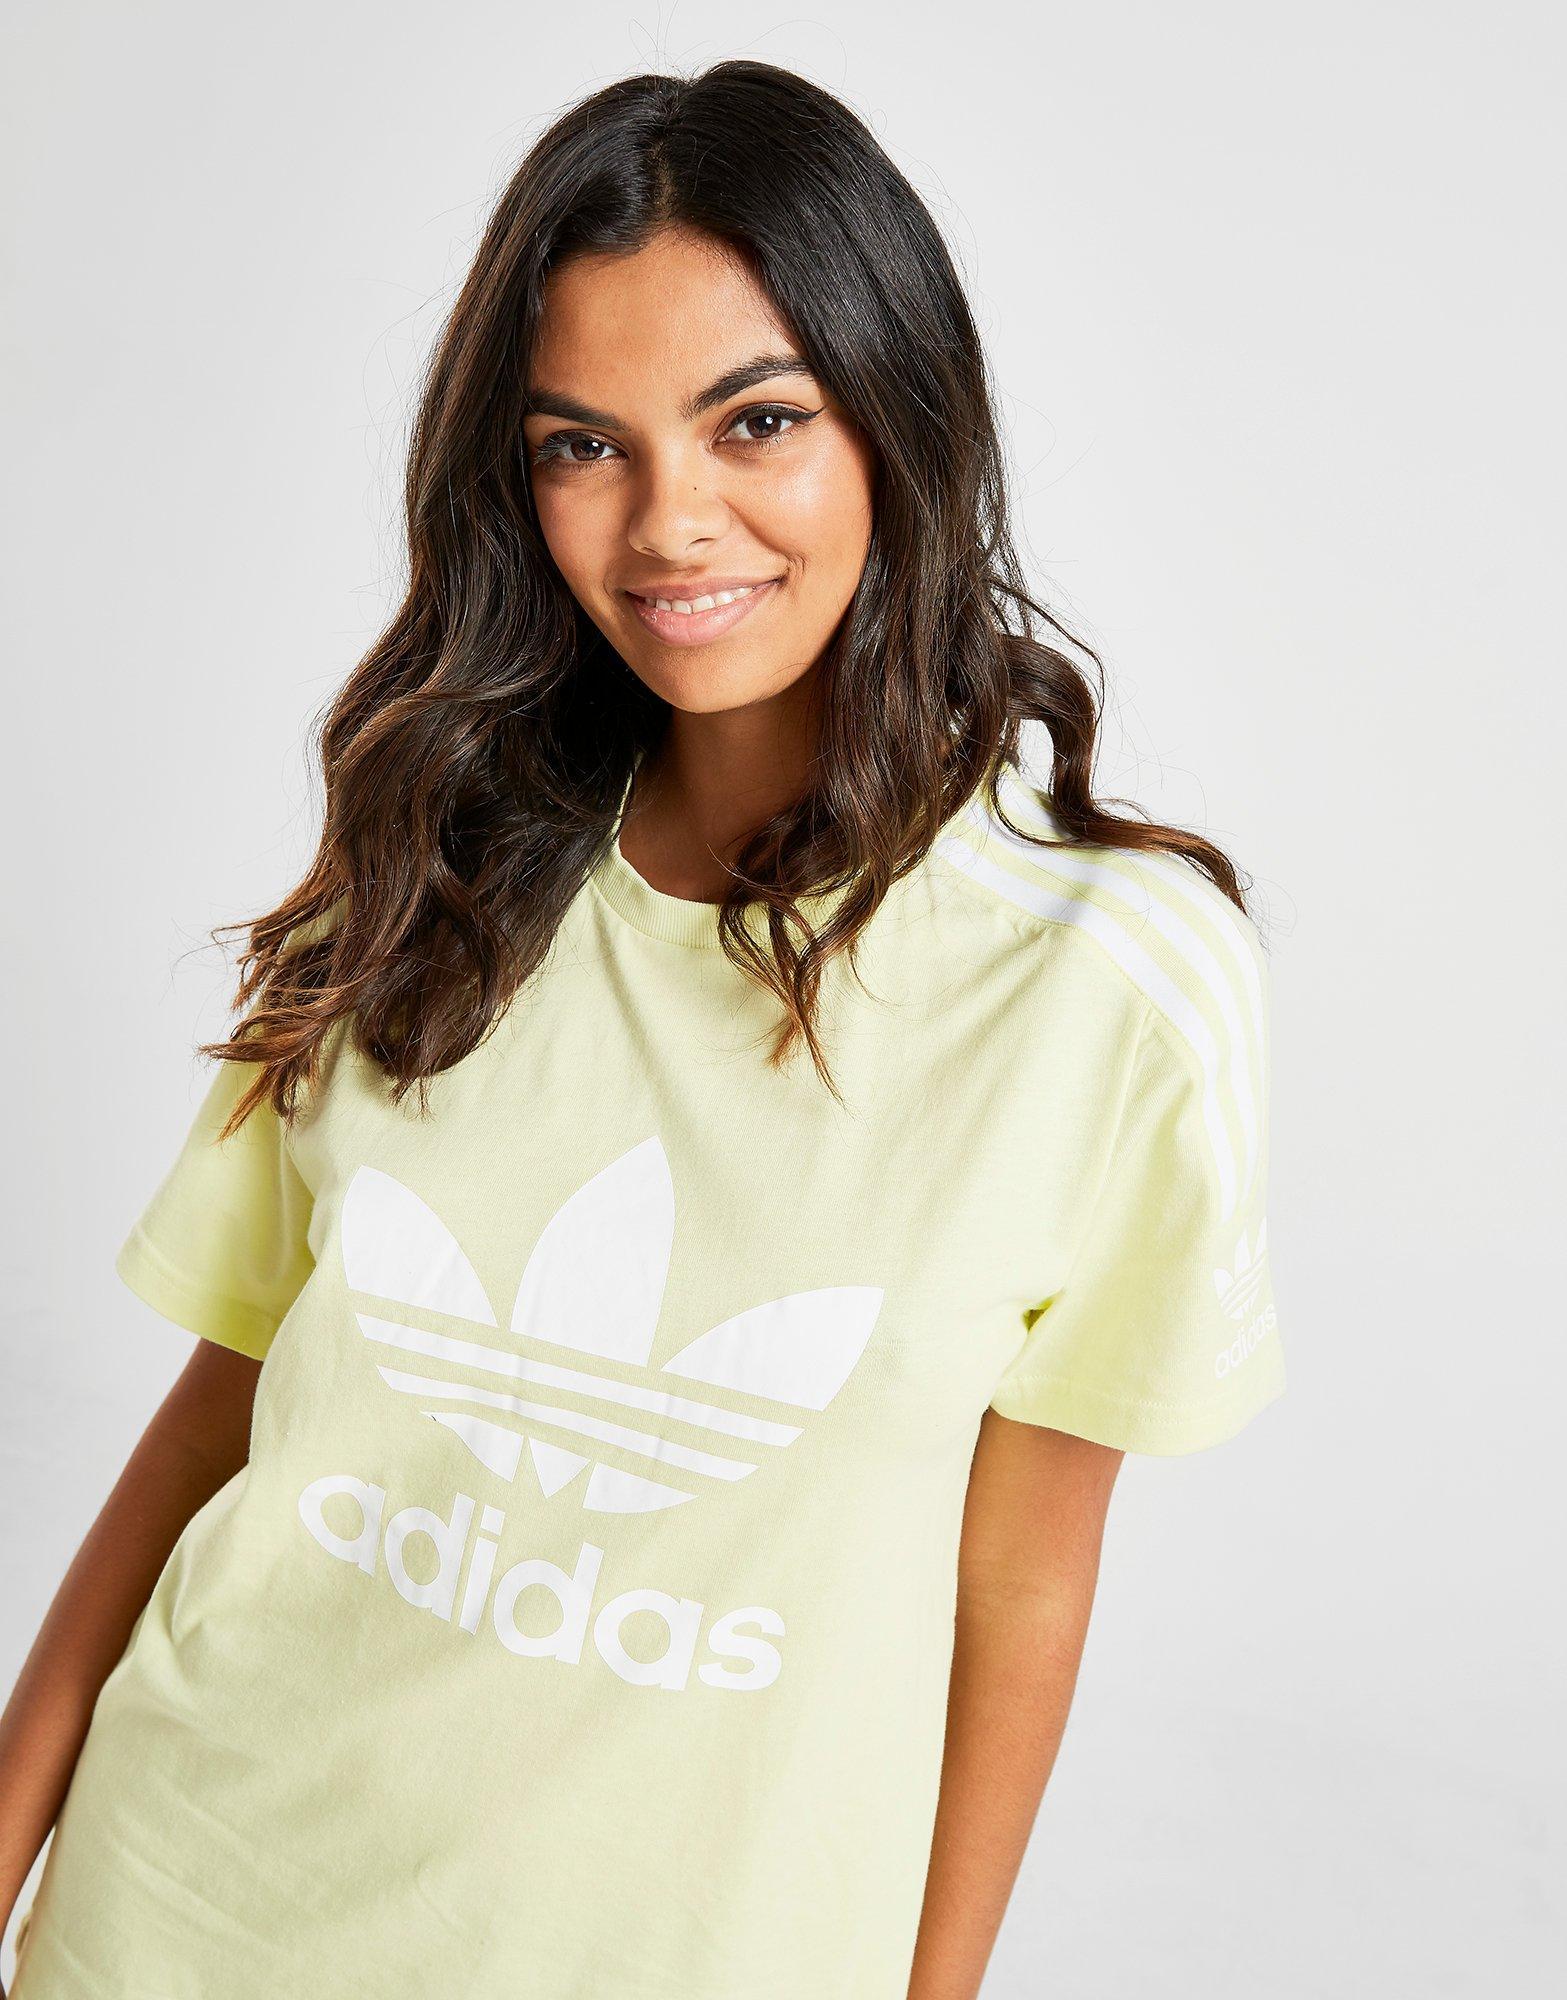 Caso Amabilidad Adoración  camiseta adidas mujer jd - Tienda Online de Zapatos, Ropa y Complementos de  marca